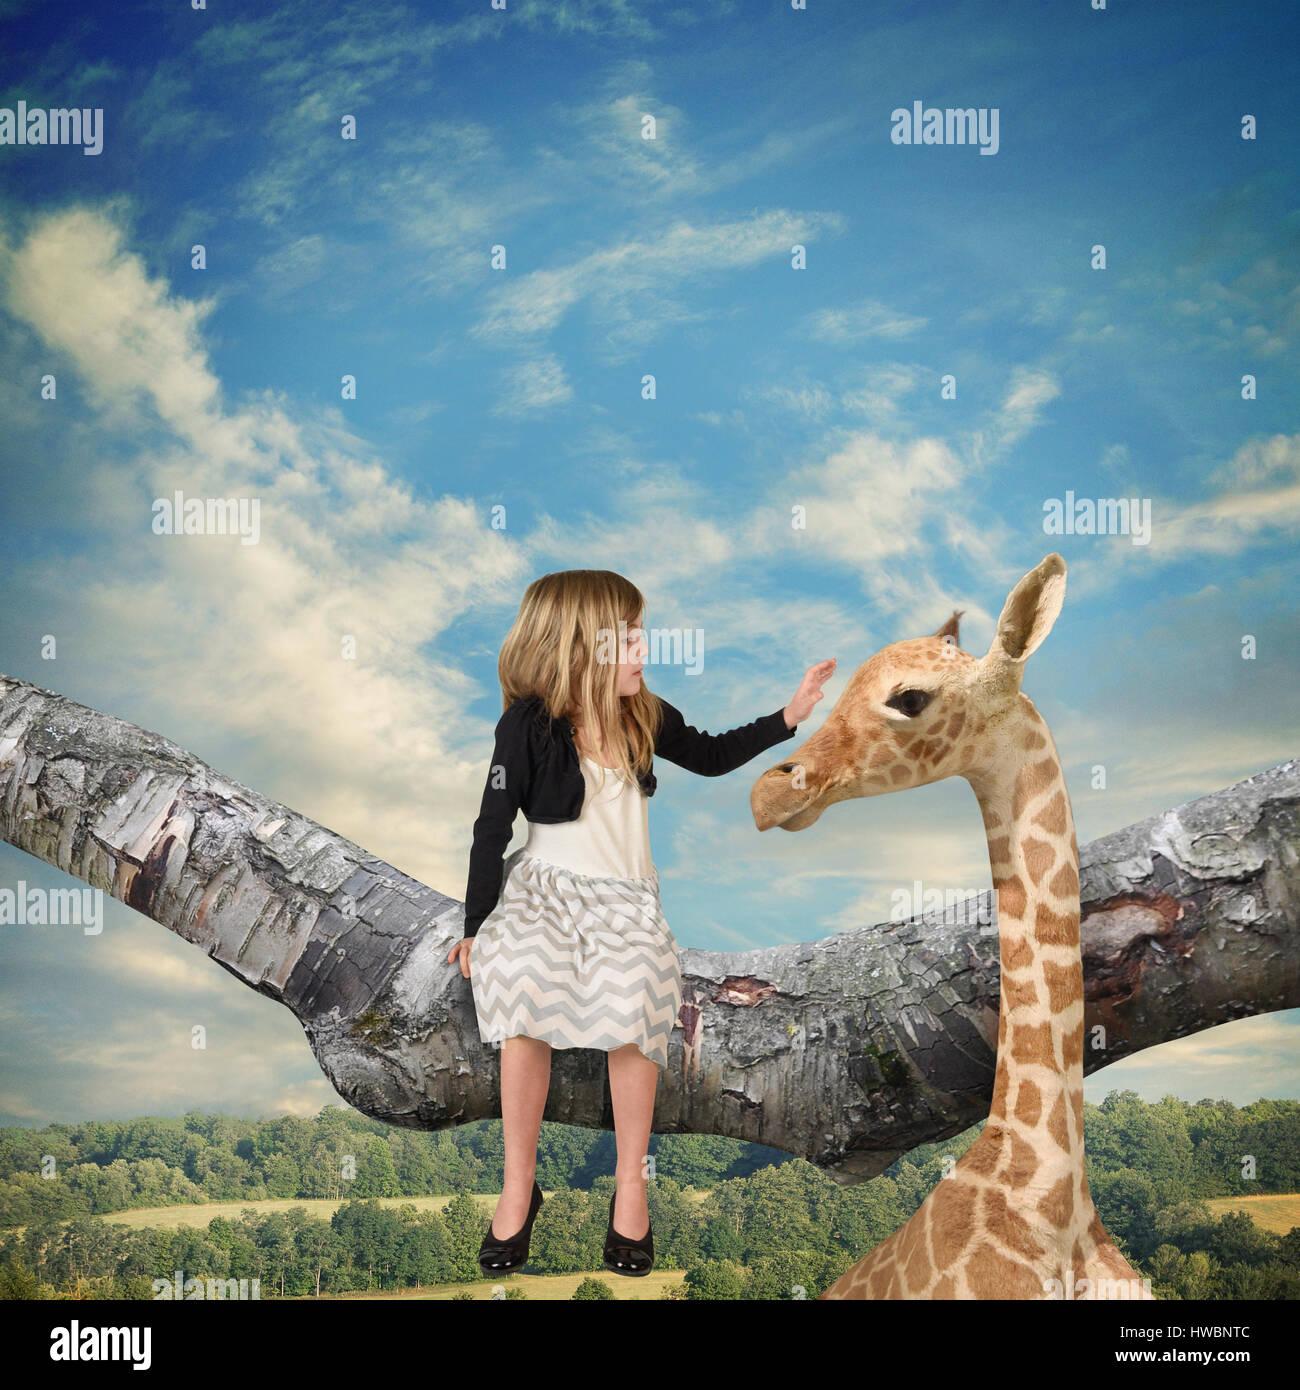 Ein kleines Kind sitzt auf einem Ast streicheln eine Giraffe bis in den Himmel für eine Phantasie-Idee über Stockbild